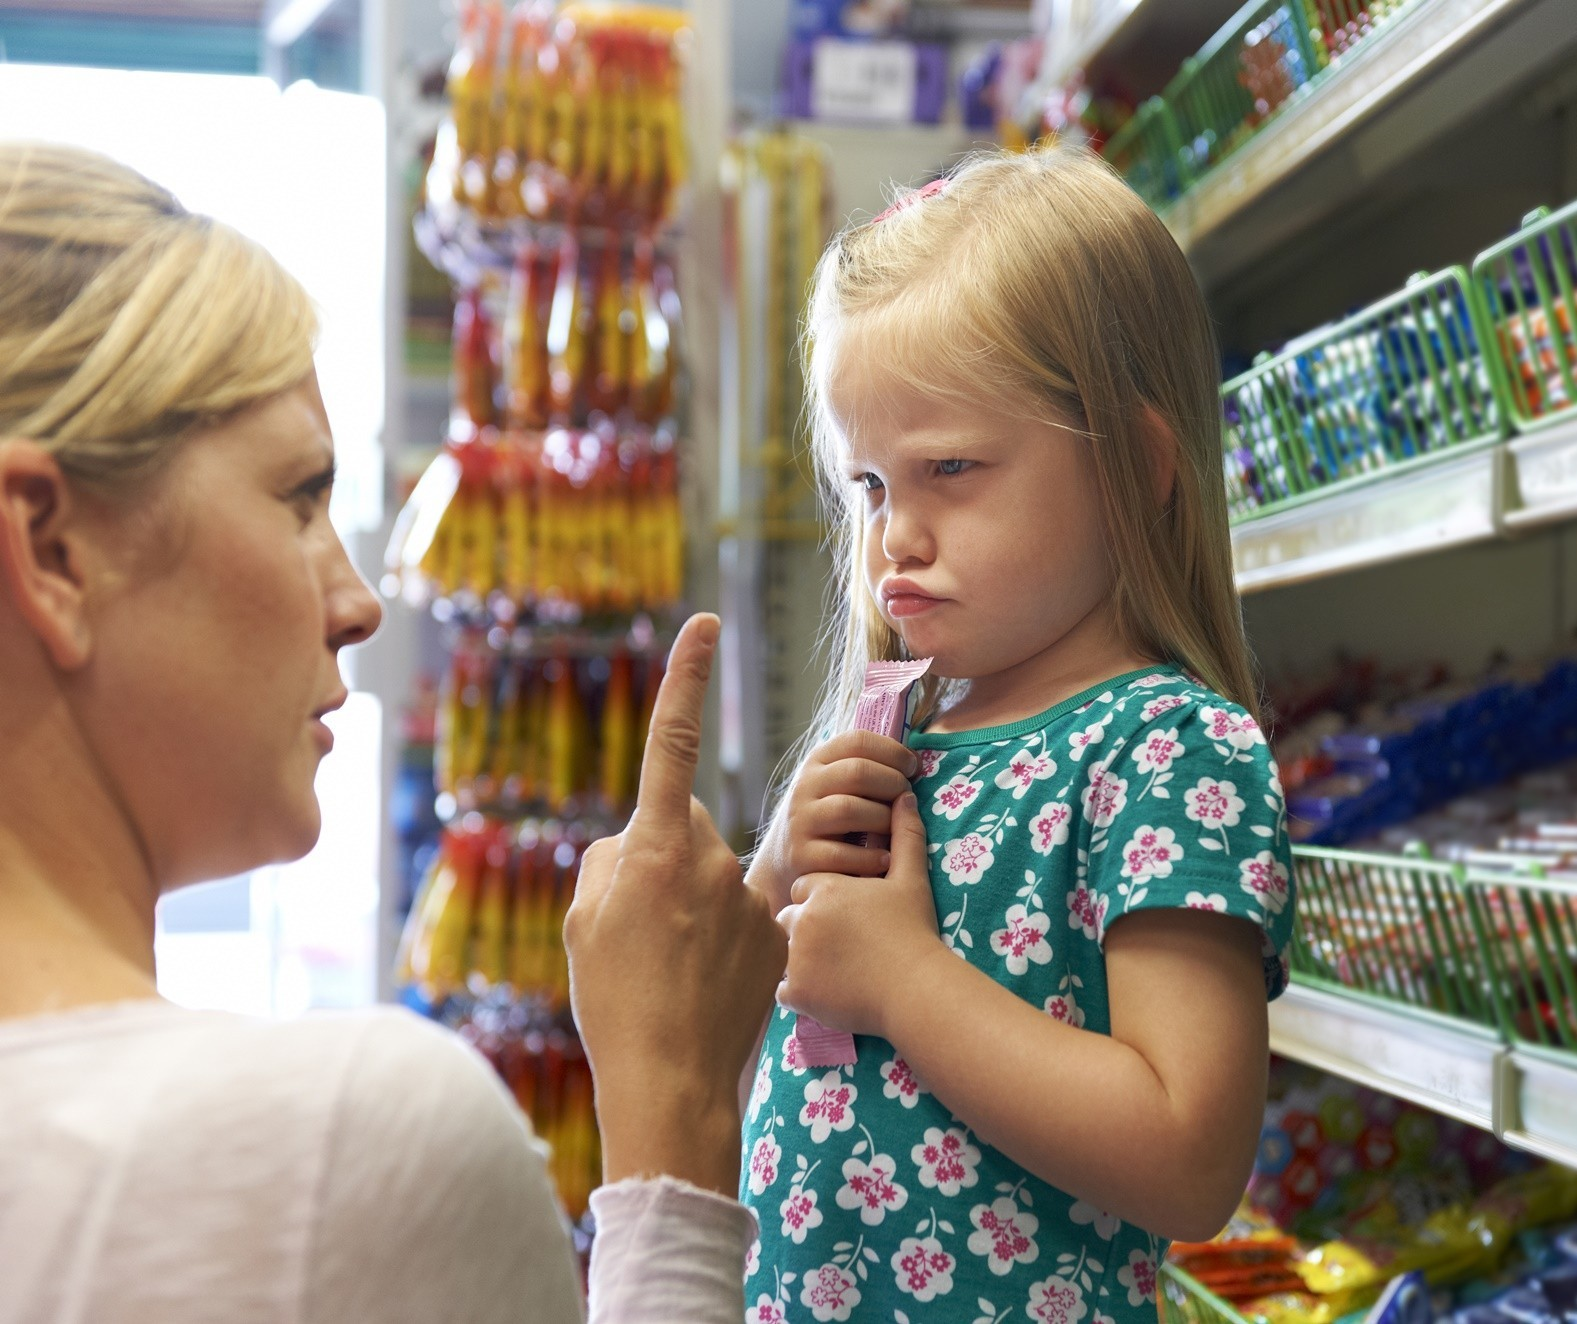 Criança birrenta: é natural, mas o que fazer nessas situações?